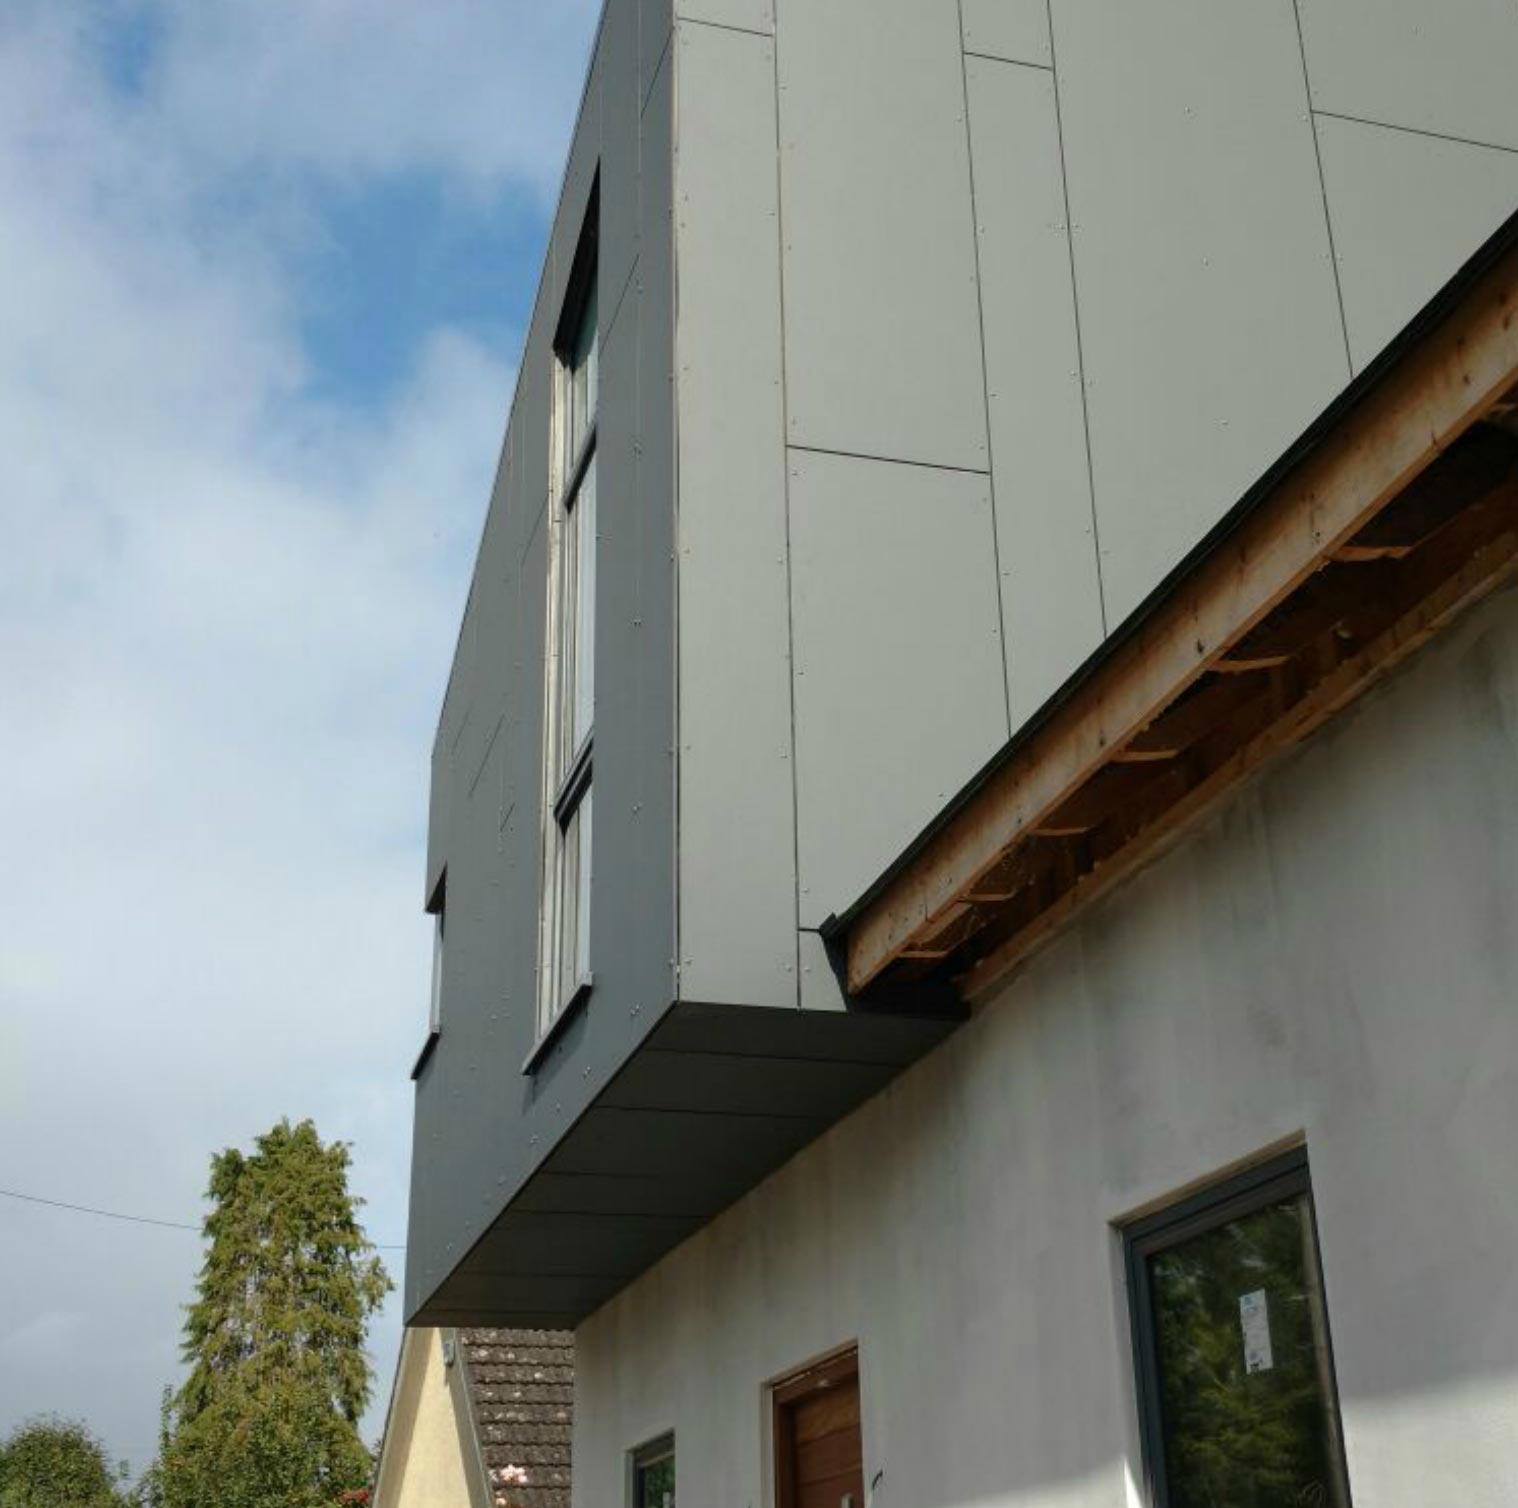 Rainfosreen fibre cement cladding